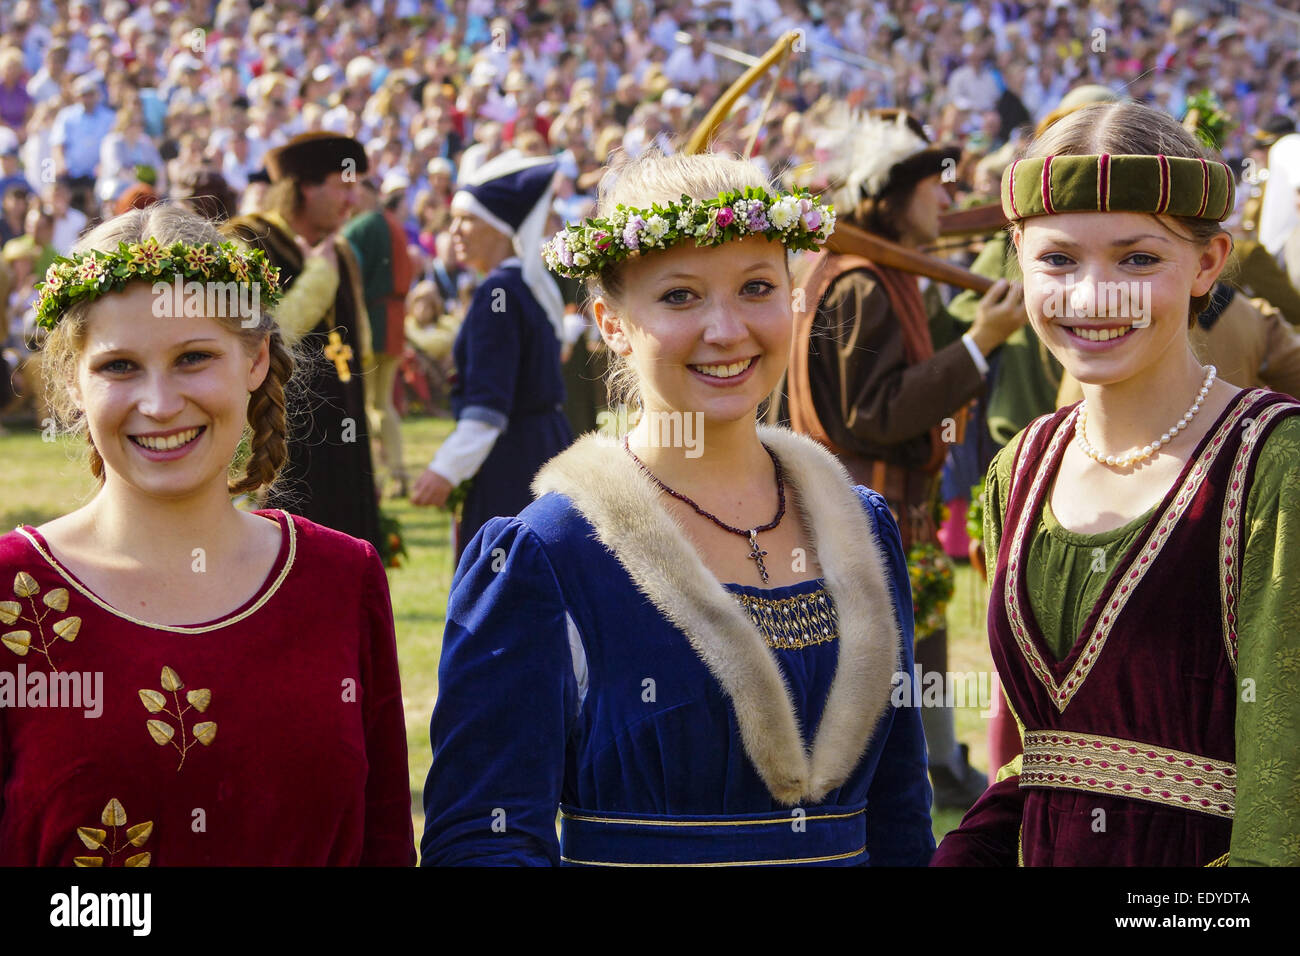 Stock Photo - Mittelalterliche Spiele während der Landshuter Hochzeit ...